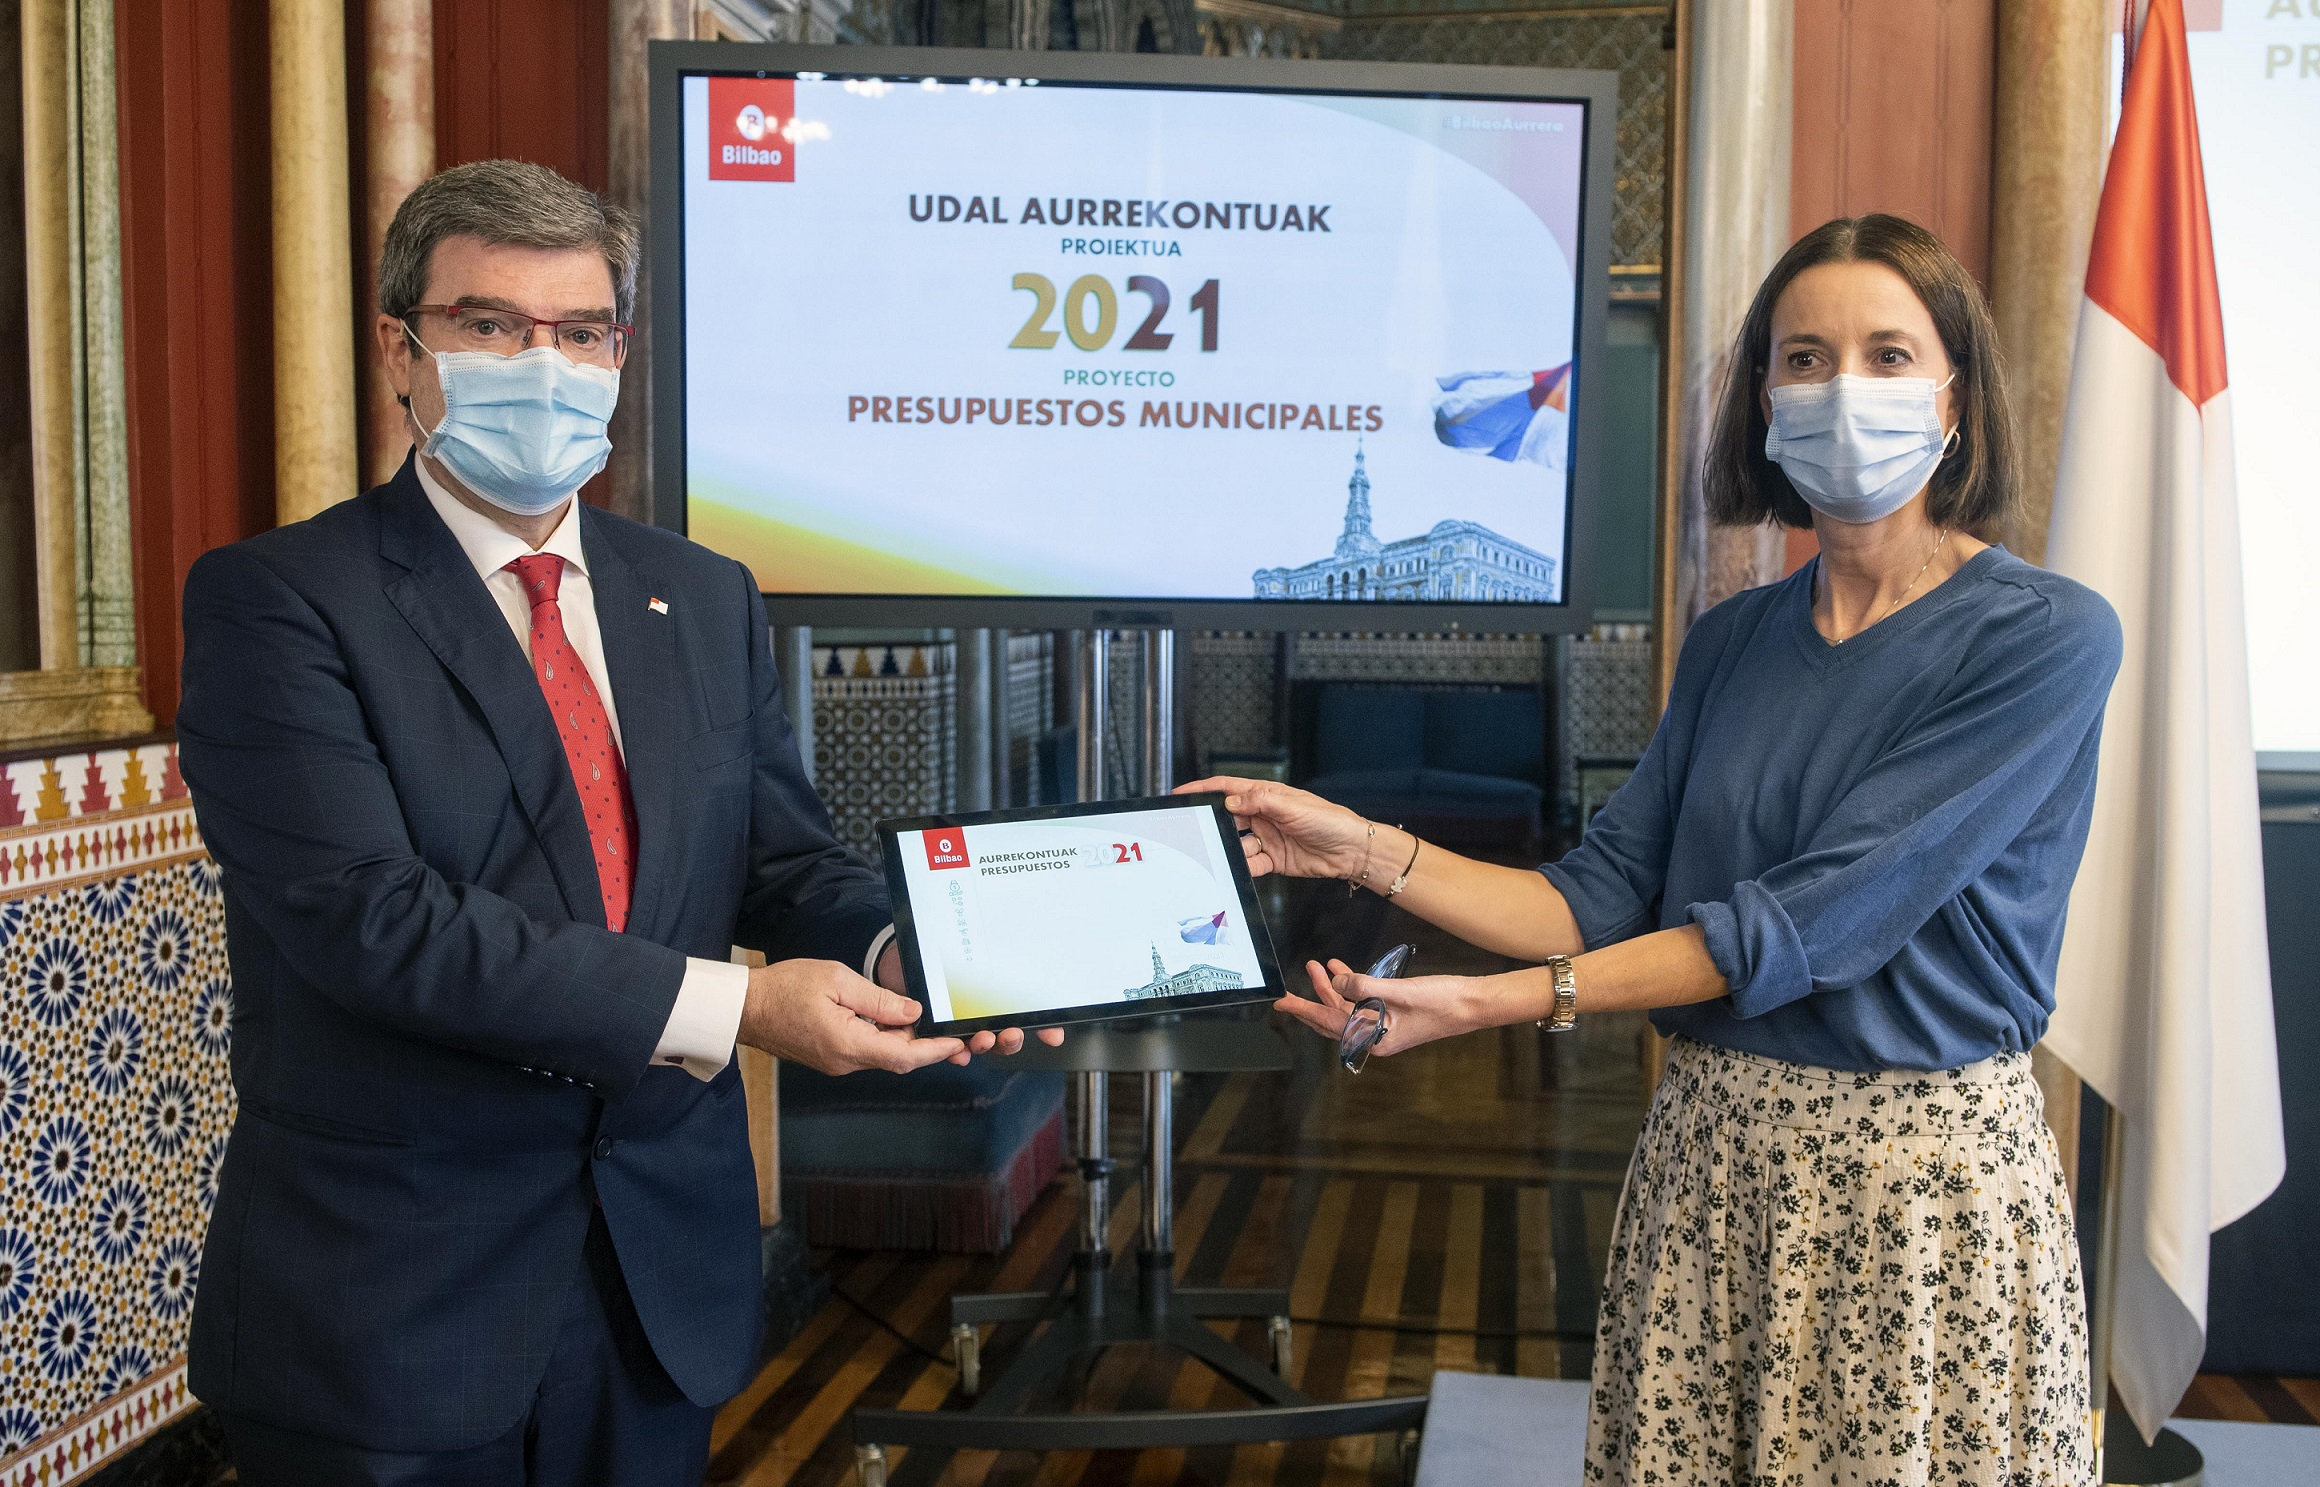 Bilbao aprueba el Proyecto unos Presupuestos para el próximo año muy centrados en la pandemia,